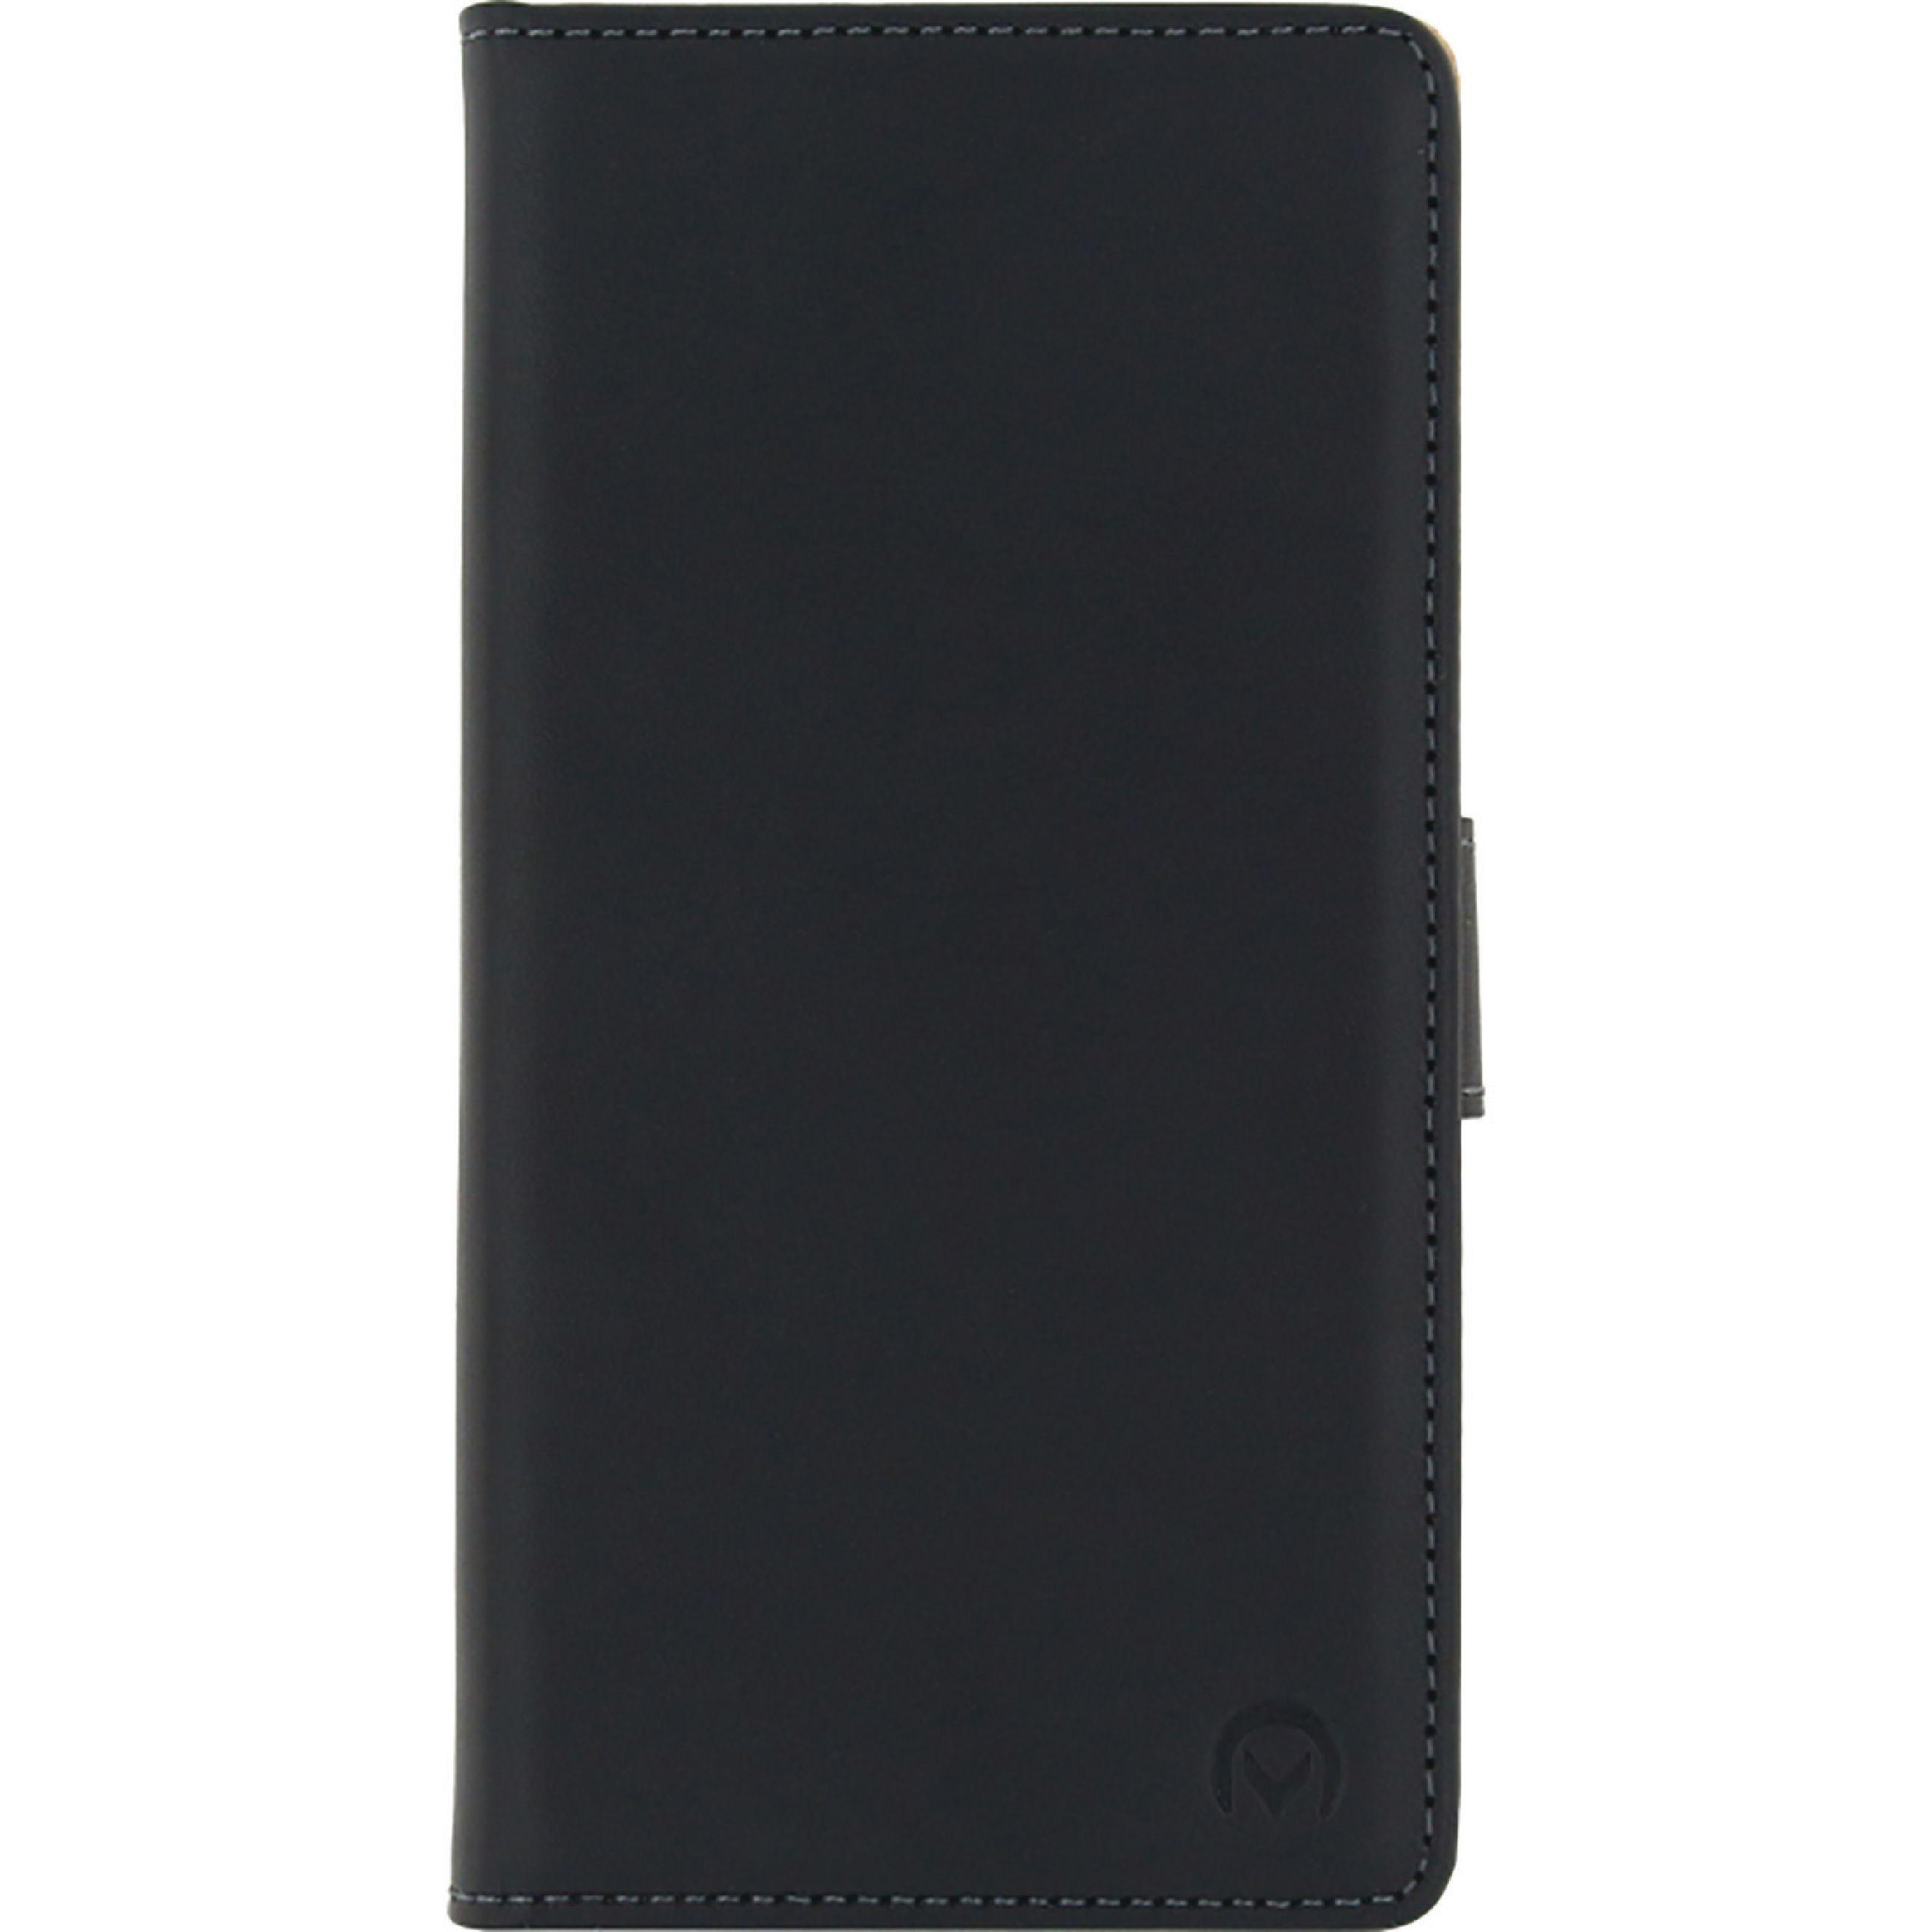 Image of   Telefon Klassisk Lommebogsetui Huawei Y5 II Sort